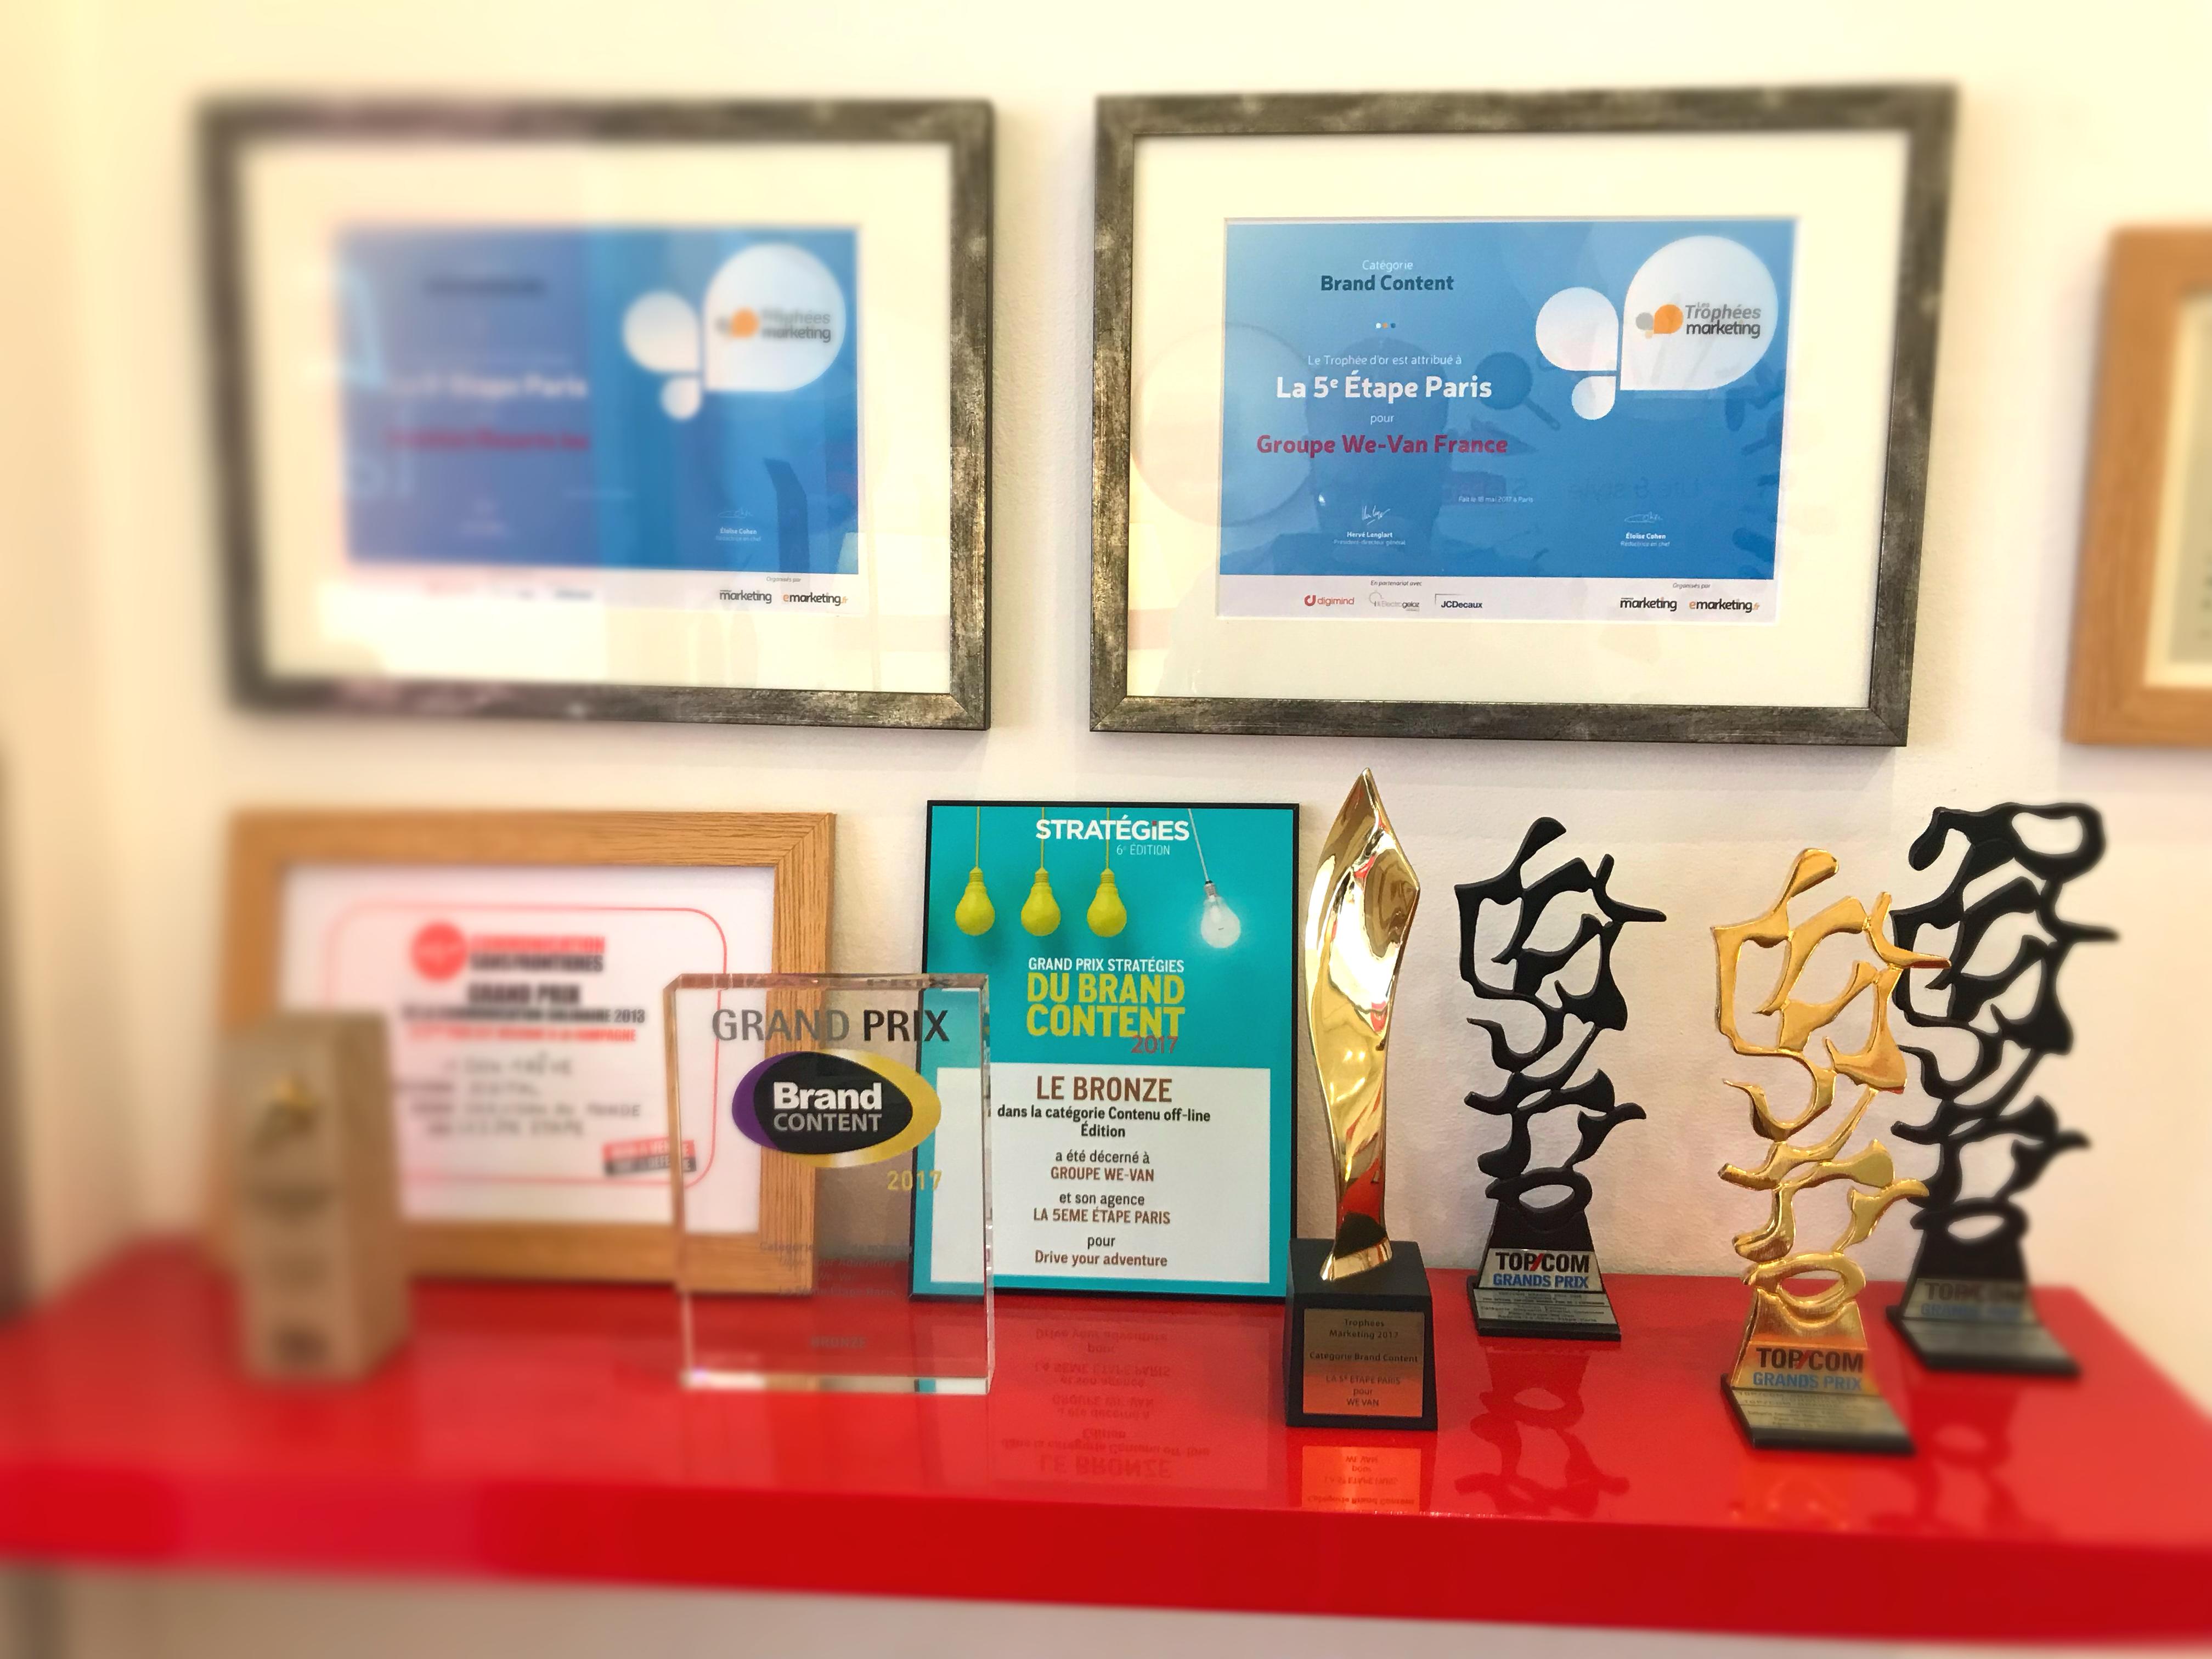 La 5ème Etape Paris trophées awards topcom stratégies trophées marketing